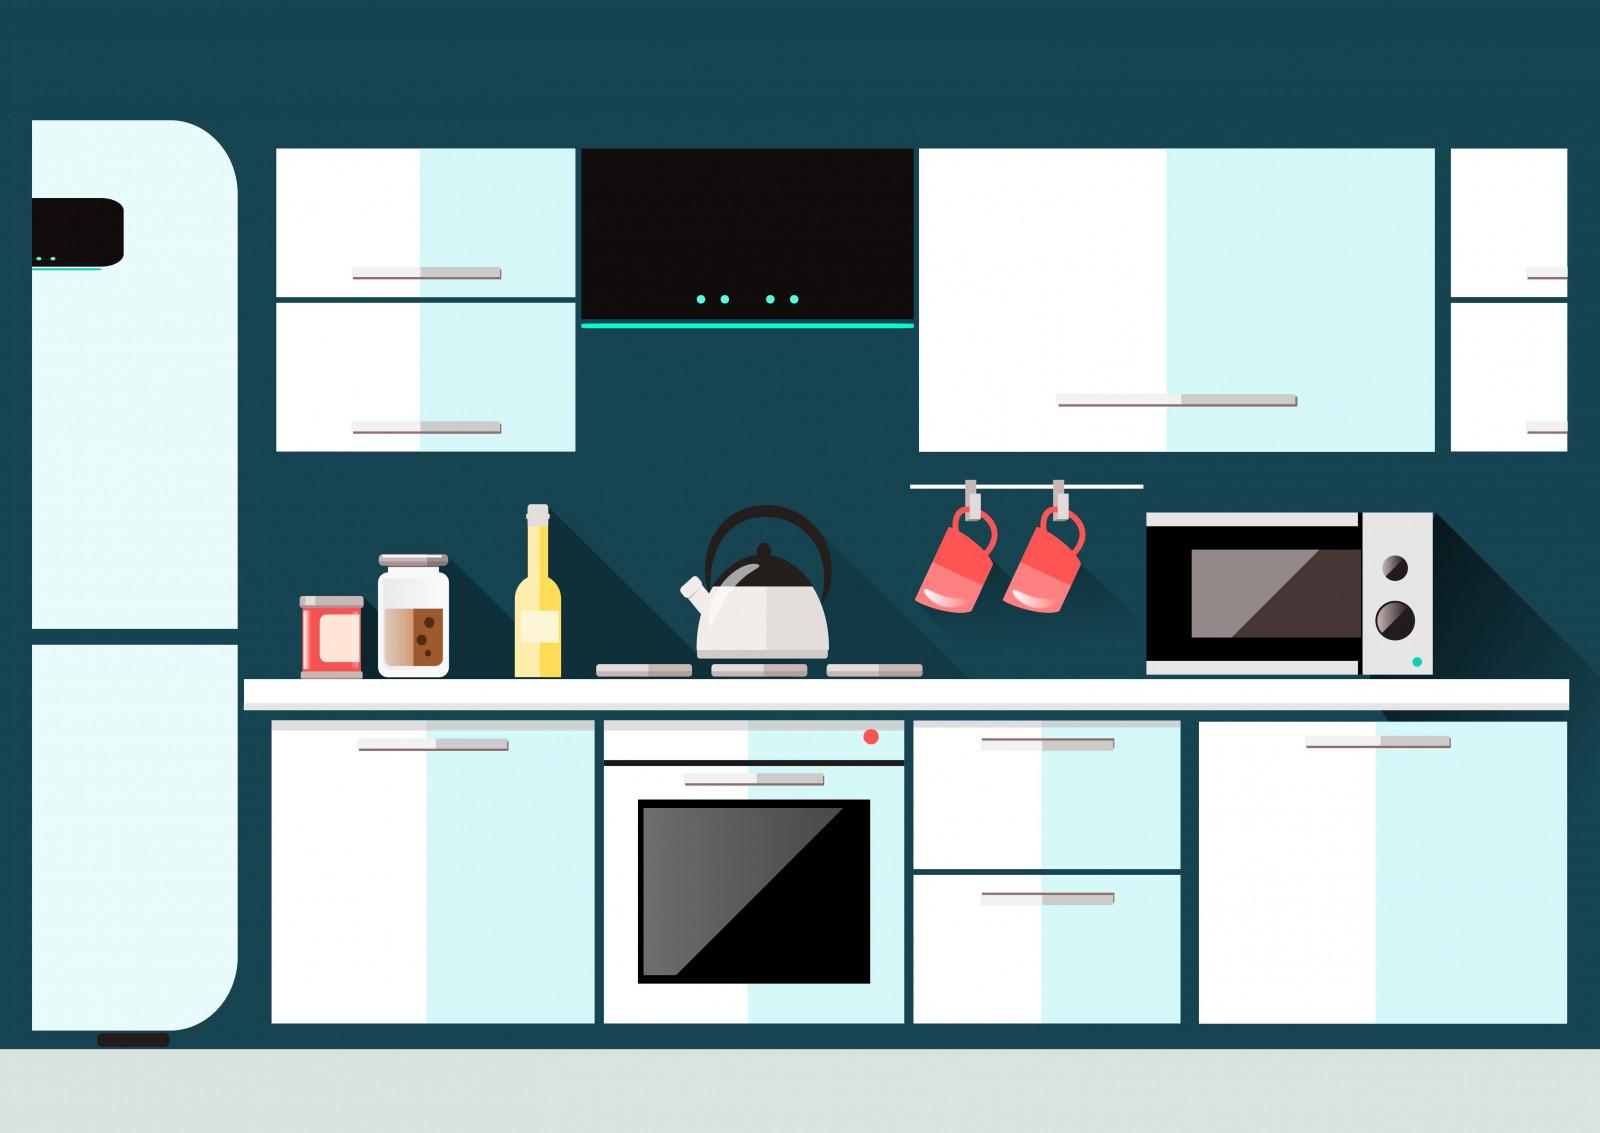 Fondos de pantalla dibujo ilustraci n obra de arte - Cocina dibujo ...